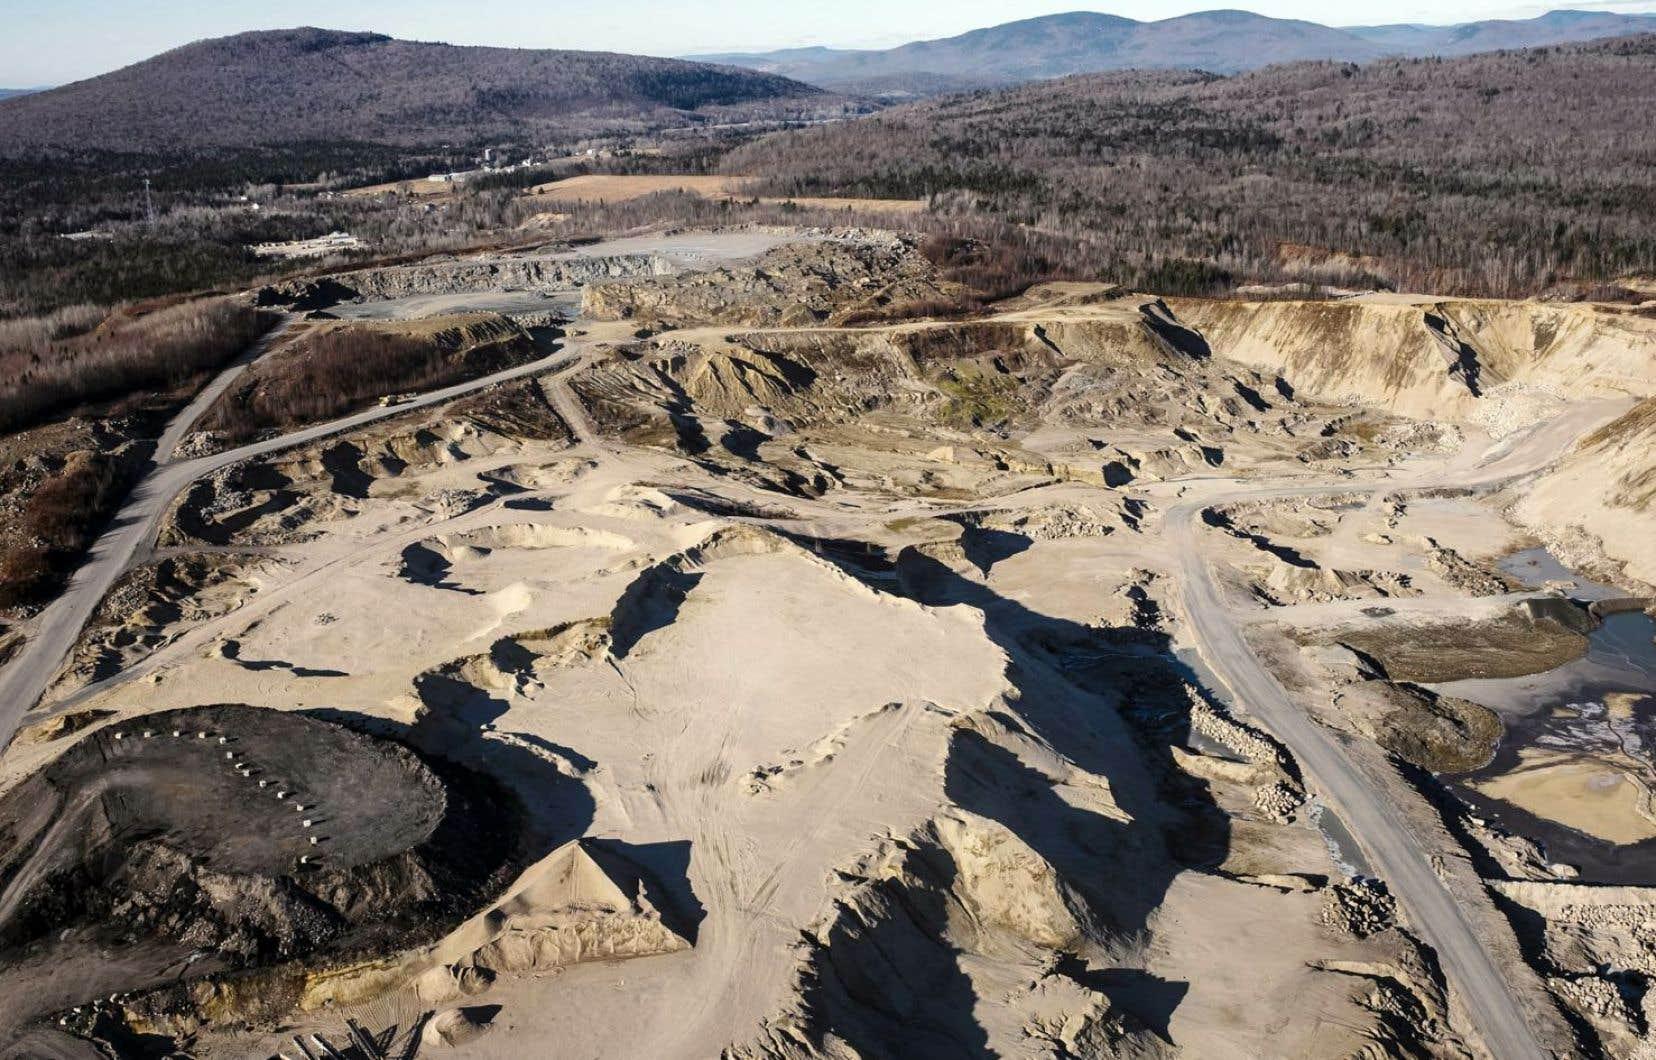 Plusieurs sablières de grande taille se trouvent à proximité du lac Saint-Charles, principal réservoir d'eau potable de la ville de Québec.